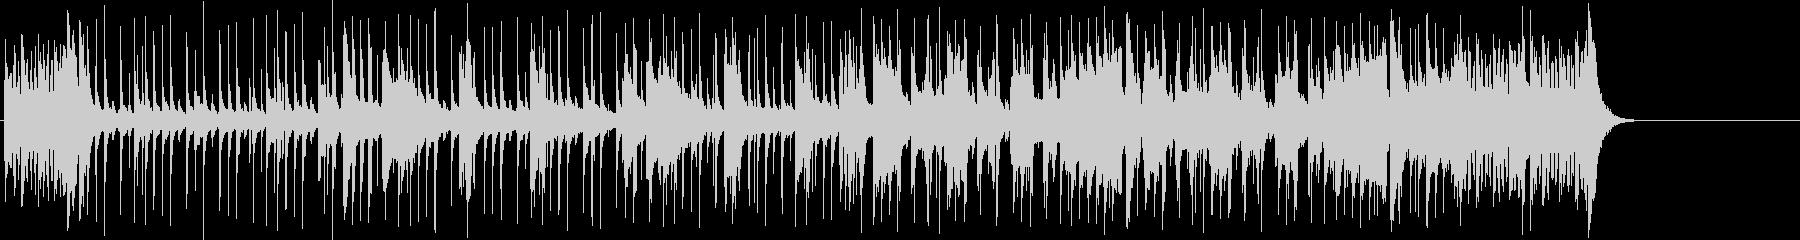 ファンキーなポップ/フュージョンの未再生の波形